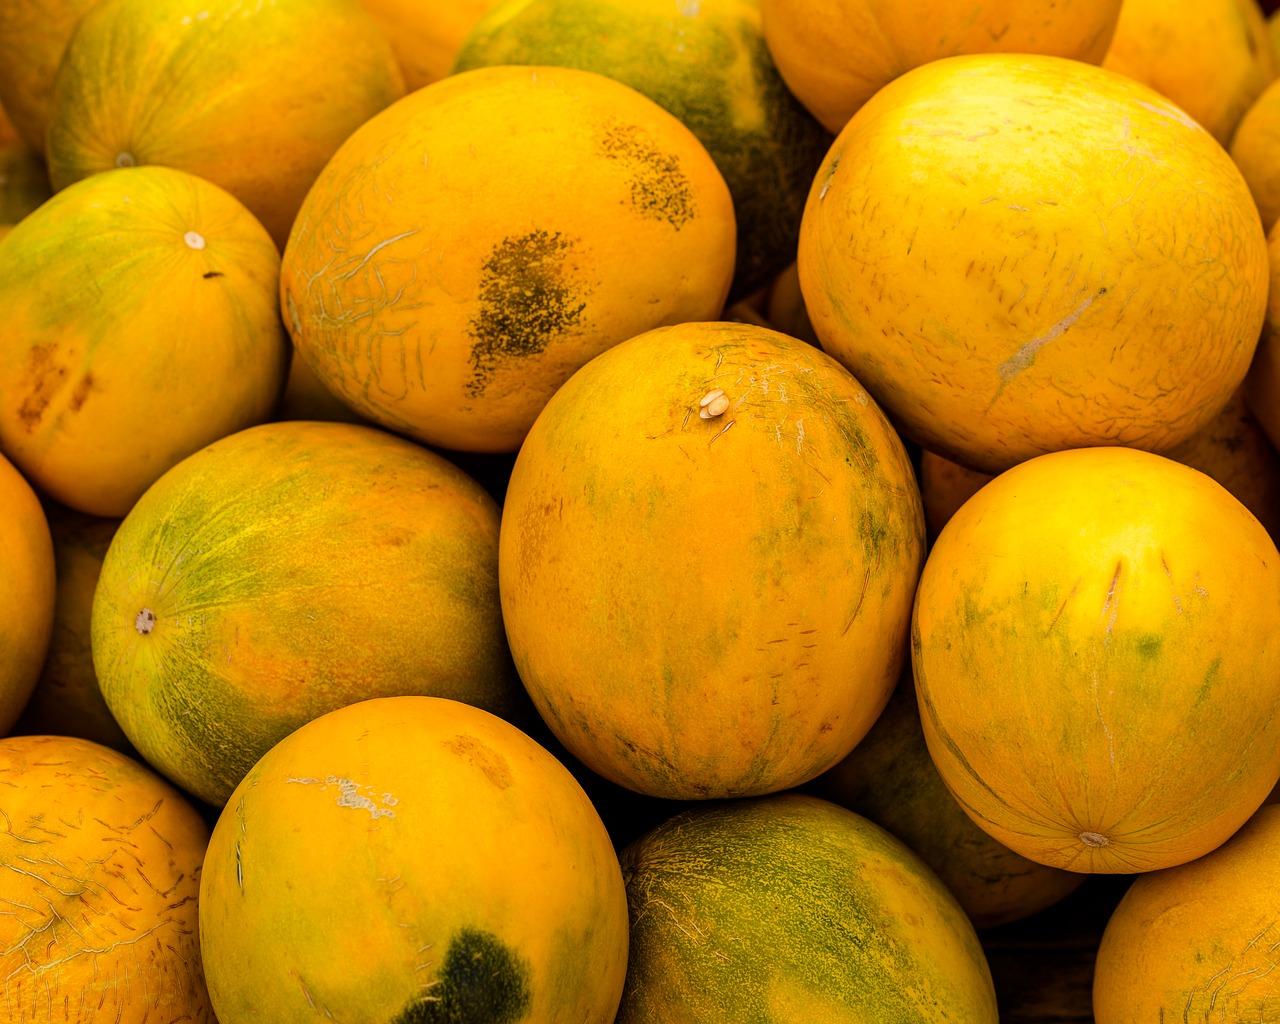 Melonen, Fötusvergleich 33./34. Schwangerschaftswoche